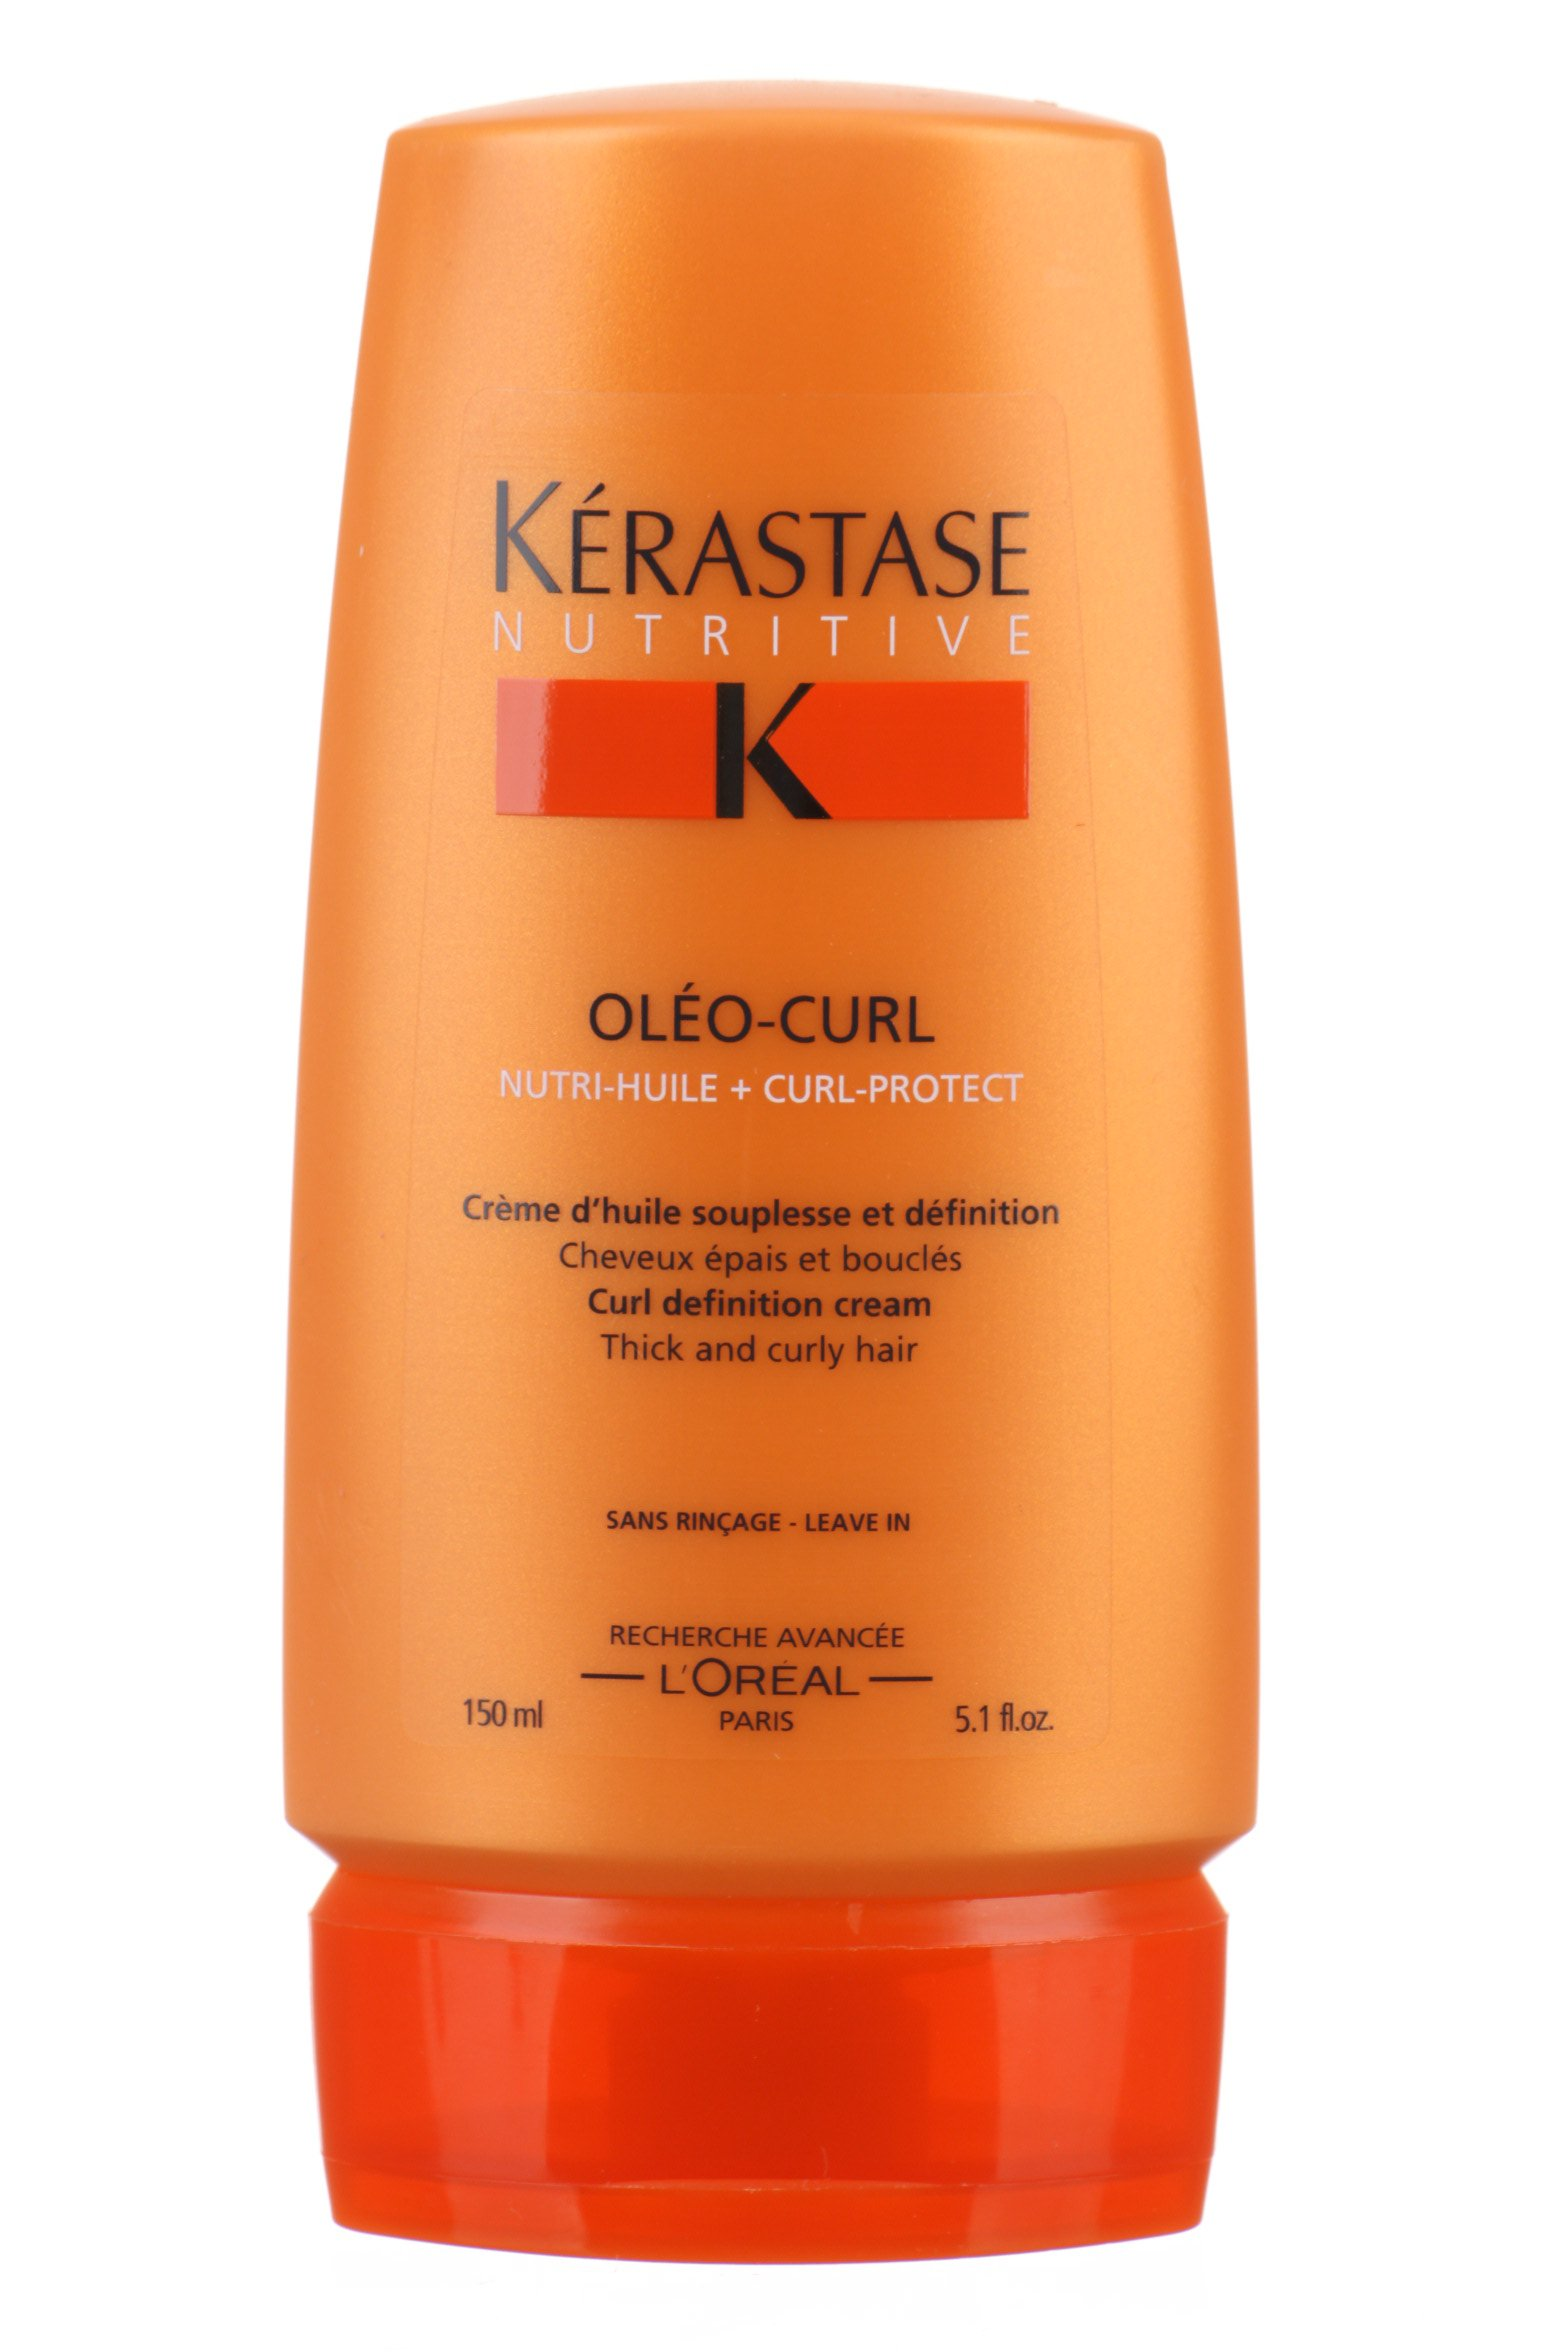 Kerastase Nutritive Oleo-curl Definition Creme, 5.1 Ounce